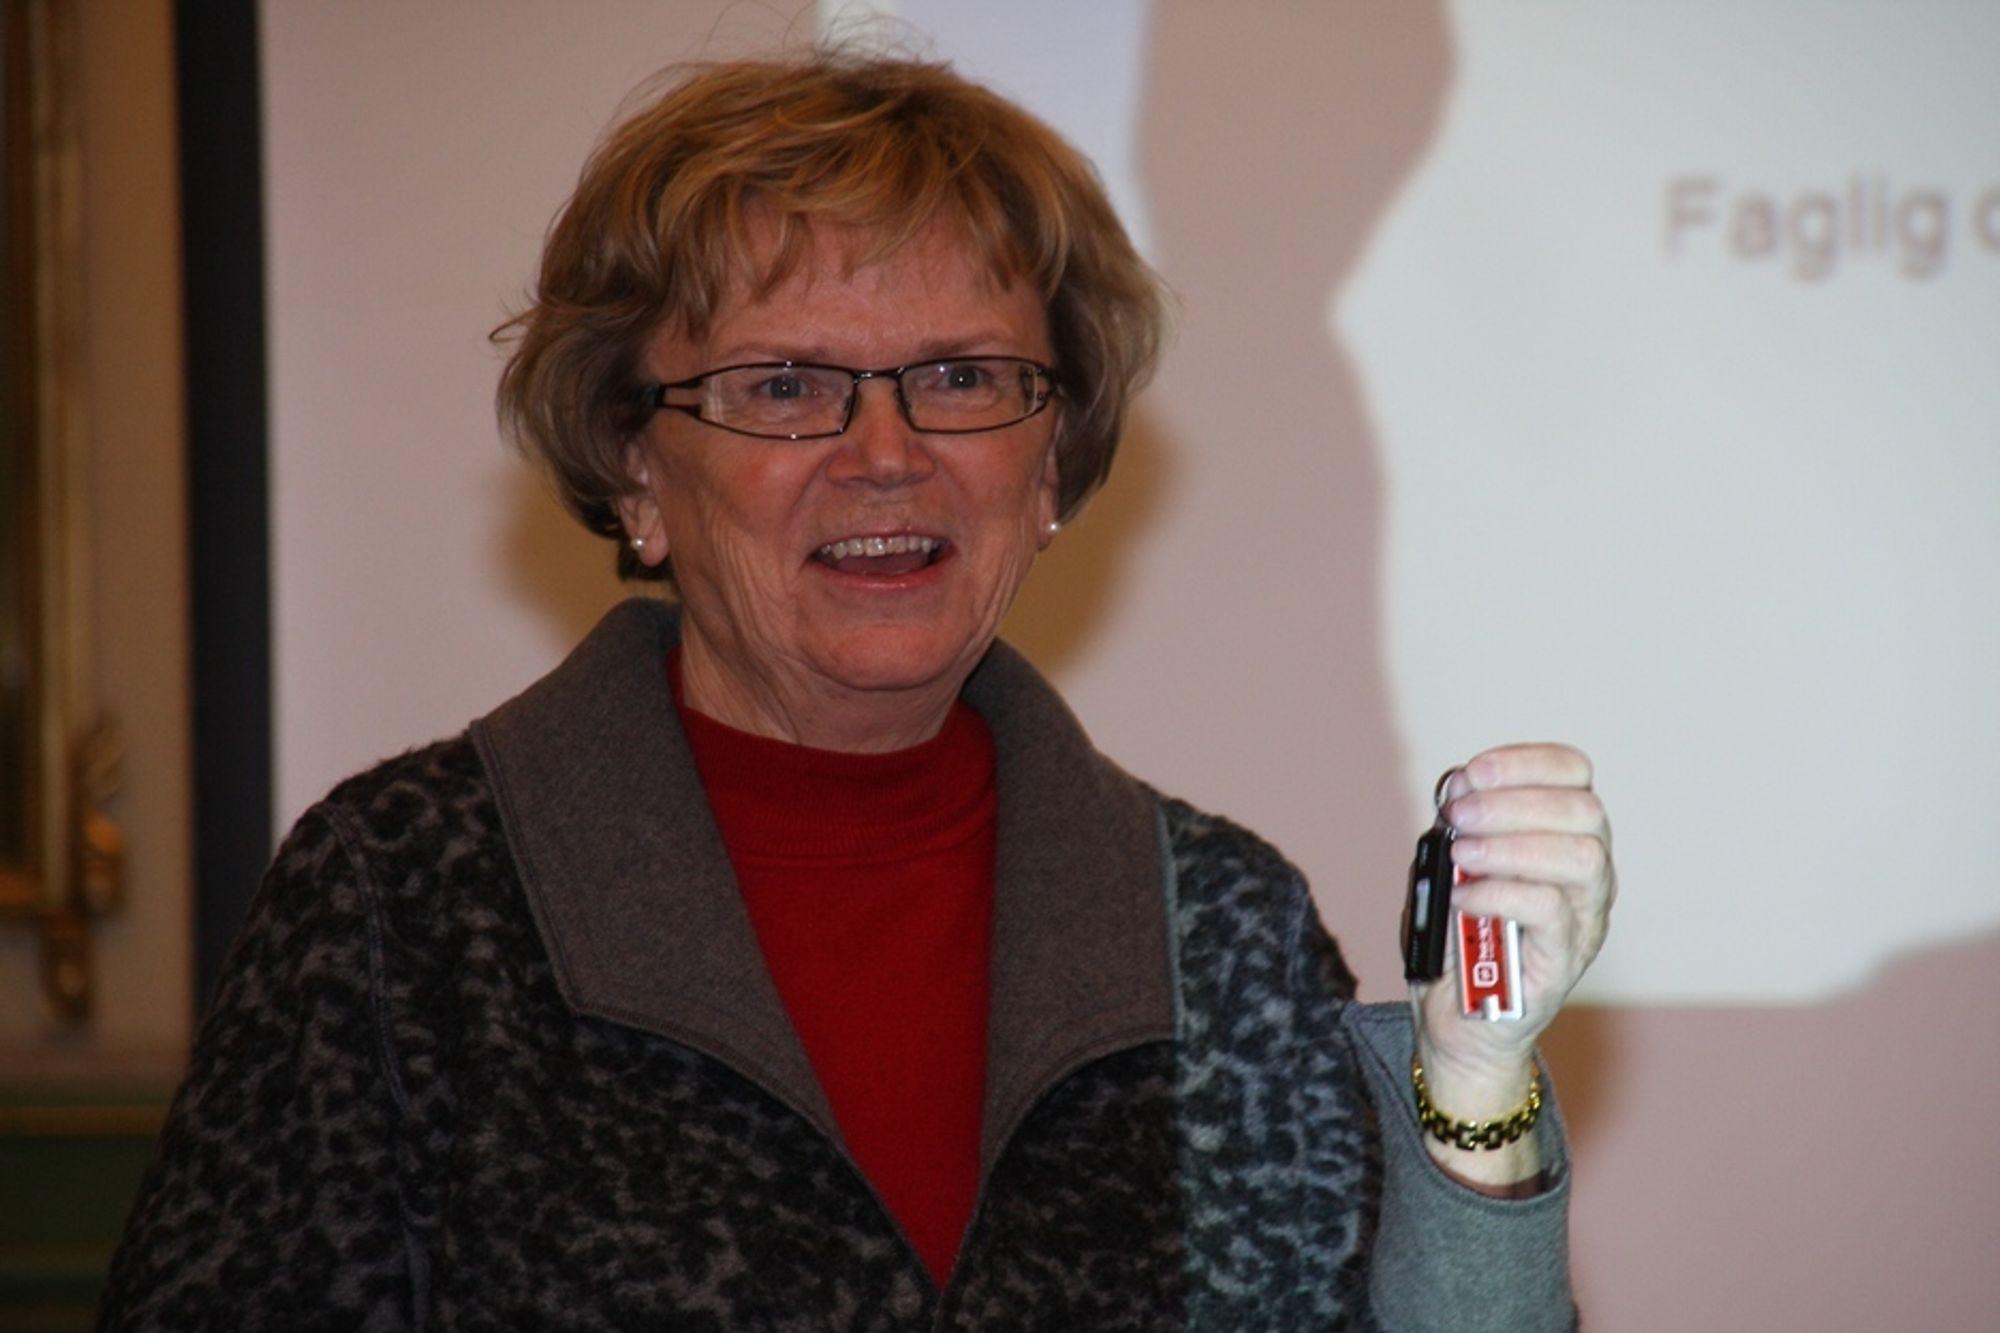 PINNE: Samferdselsminister Magnhild Meltveit Kleppa skal følge opp PTs anbefalinger, som hun fikk overrakt på en minnepinne, i budsjettarbeidet i neste måned.